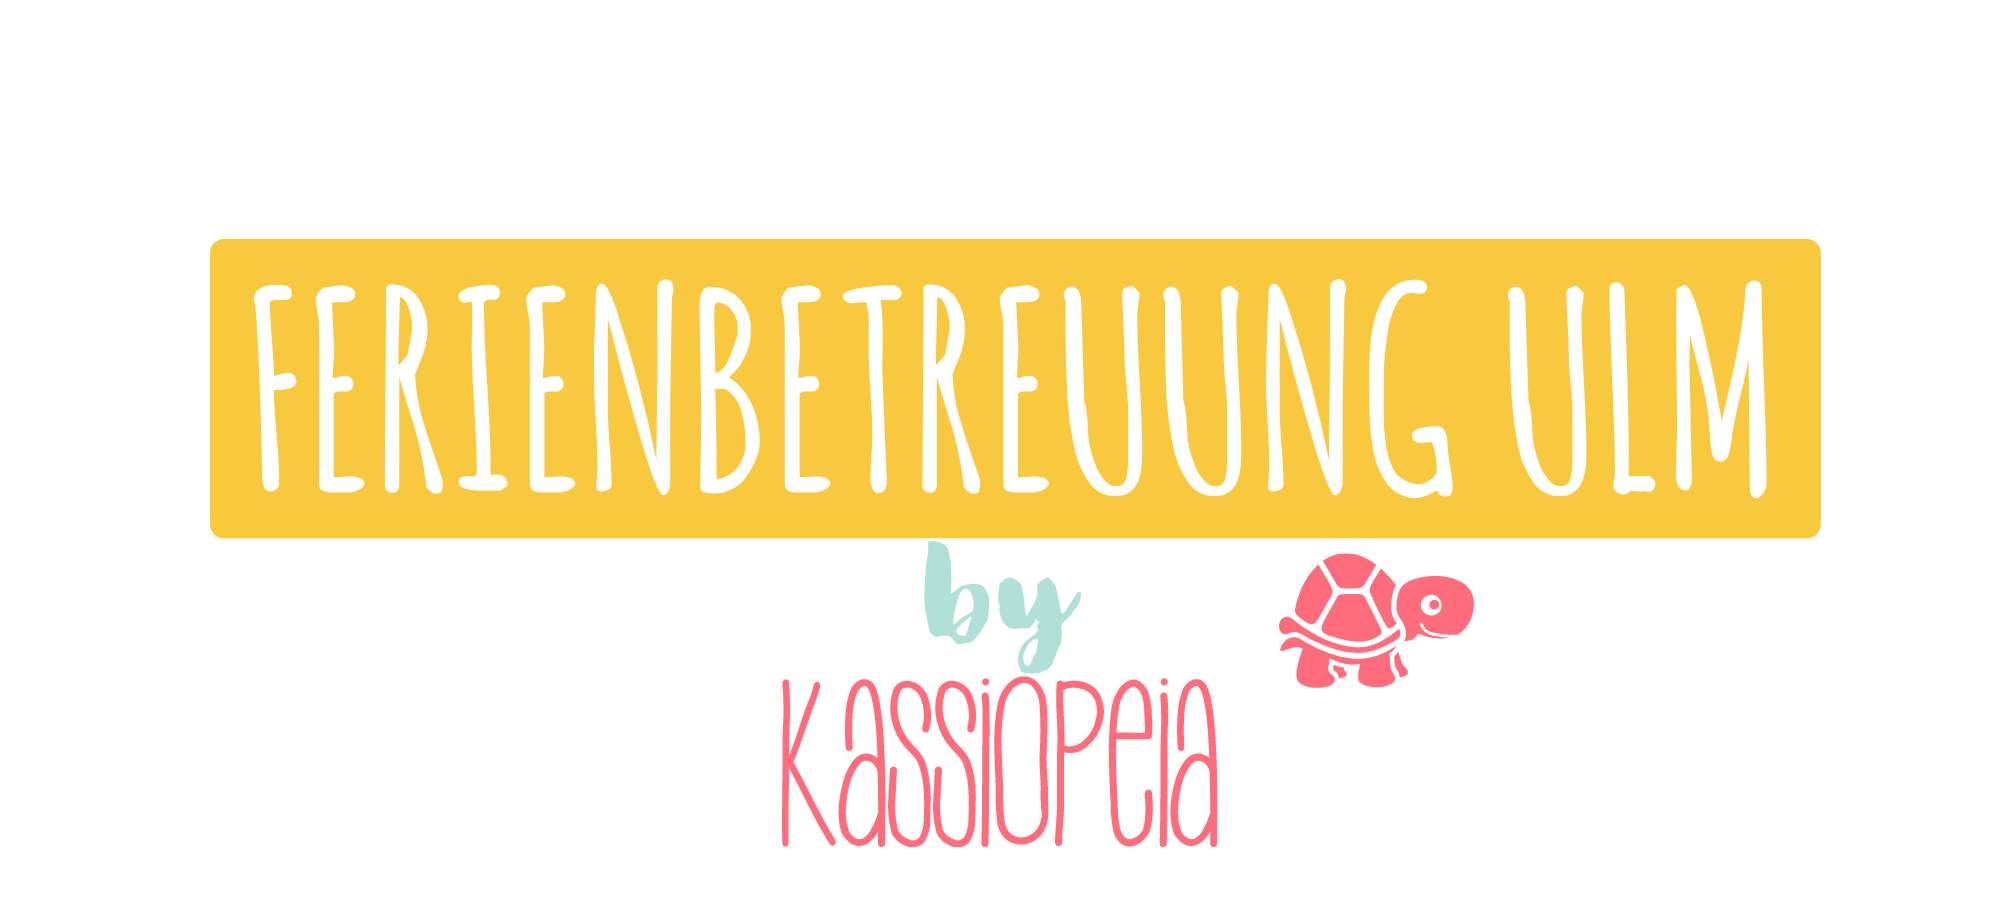 KassiopeiaFerienbetreuung icon header